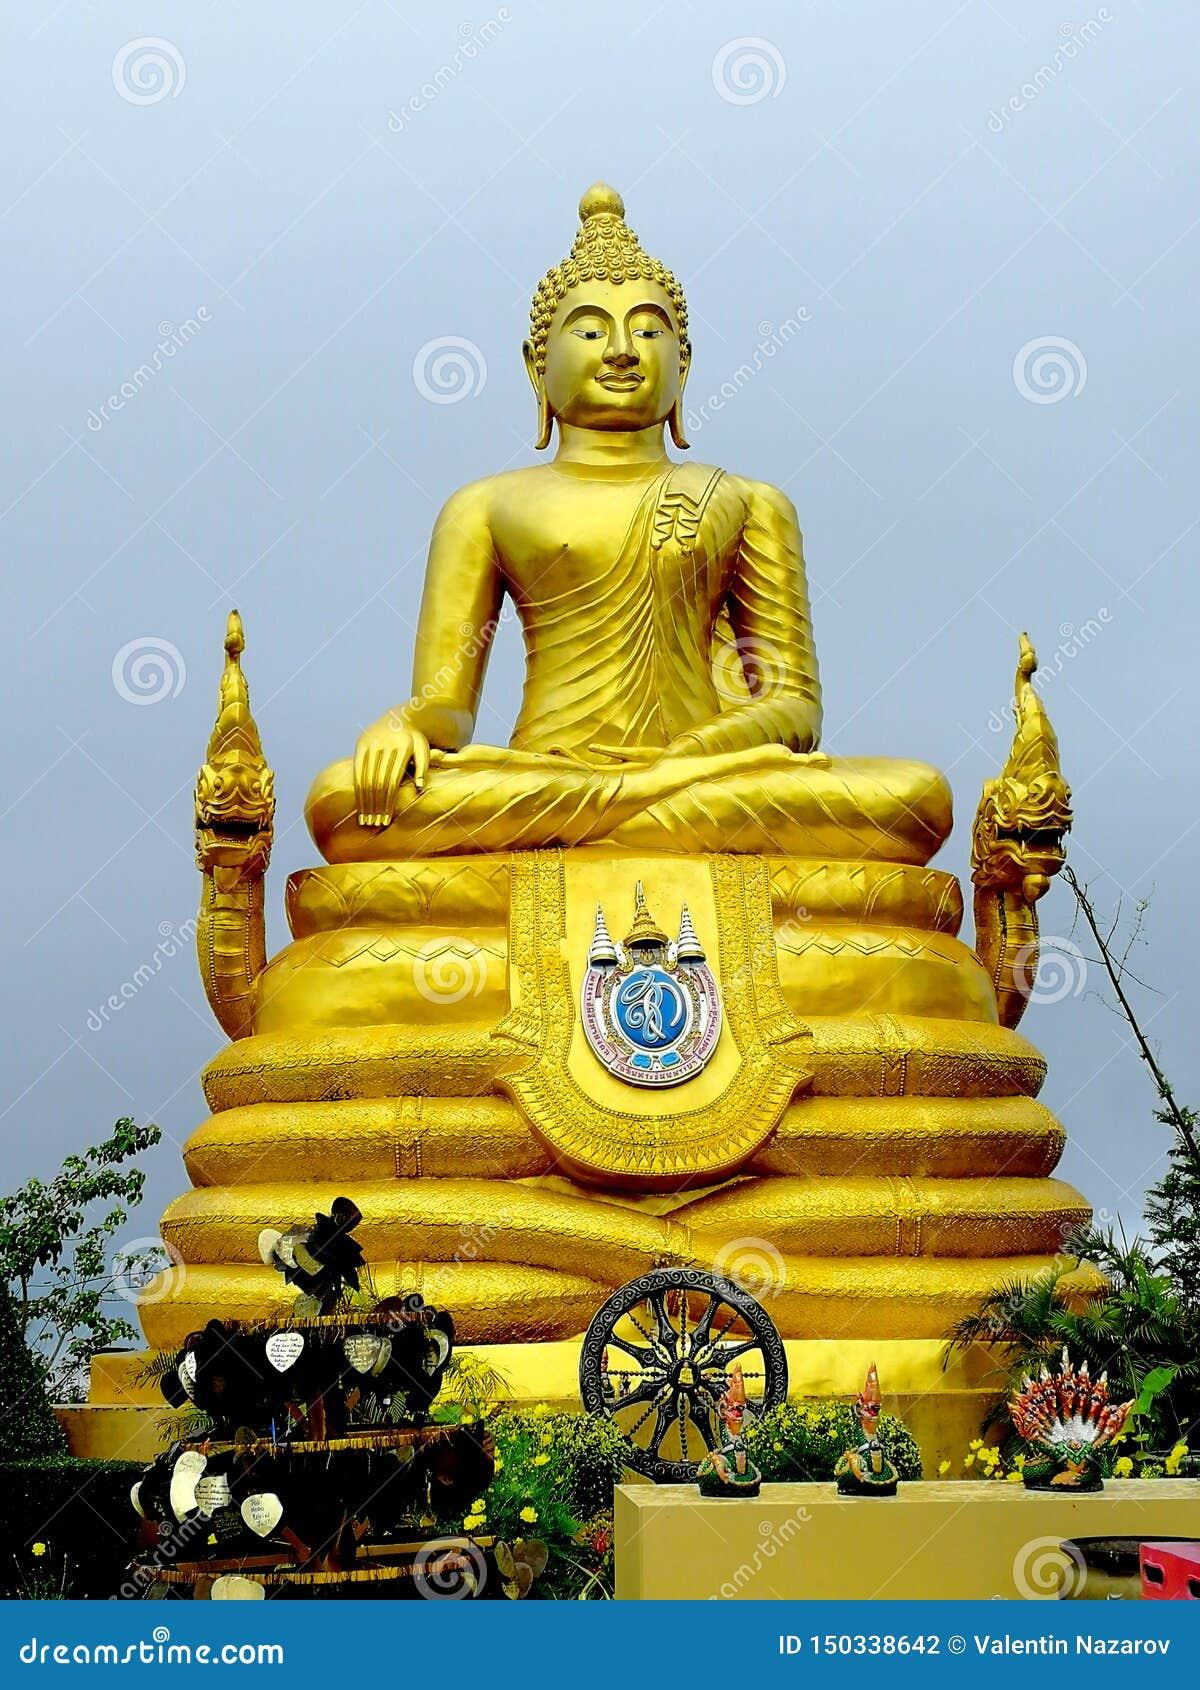 Big Golden Buddhist Sculpture in Thailand